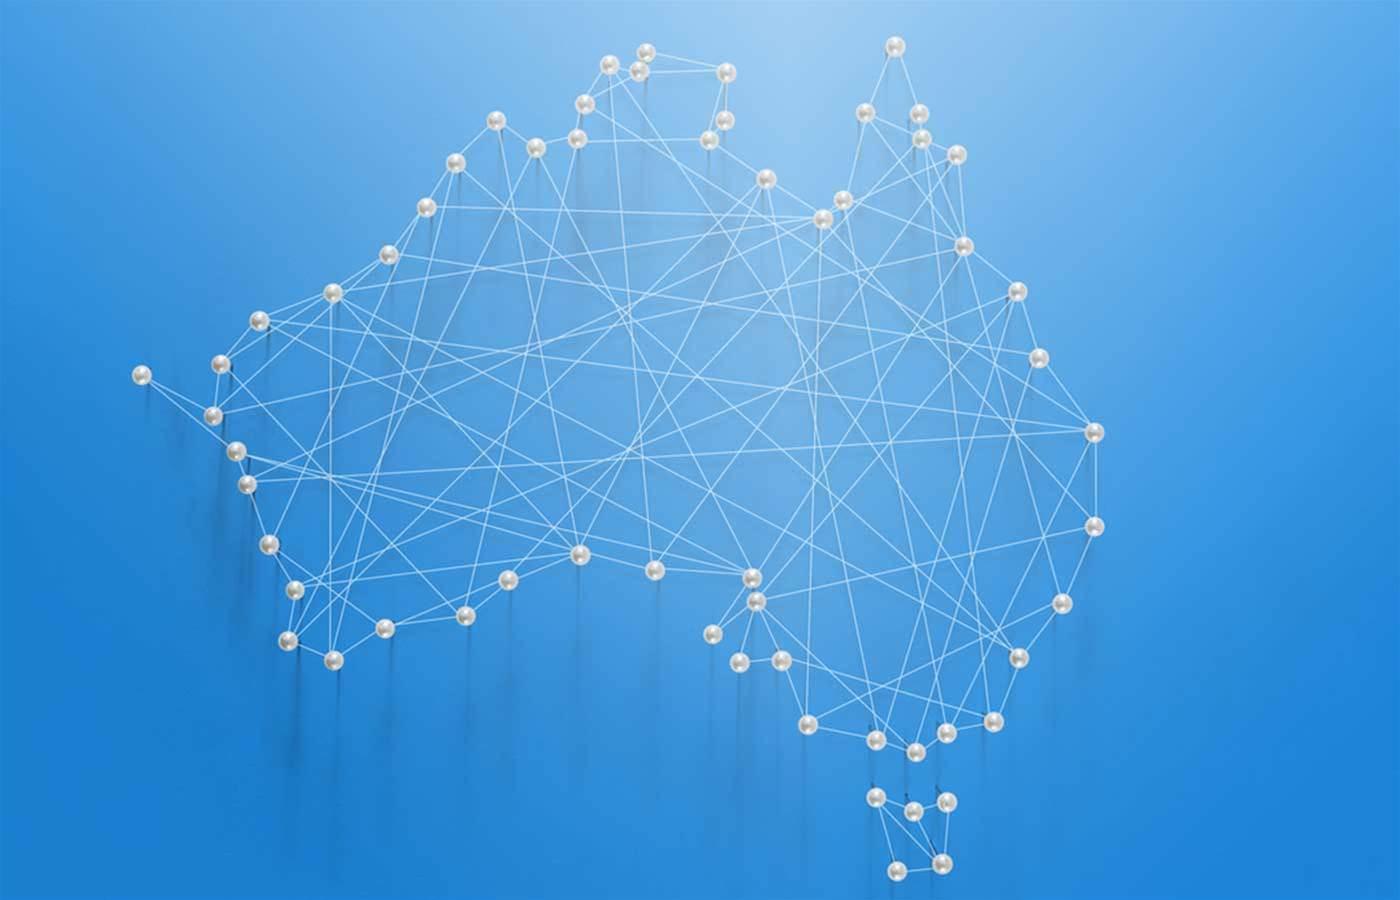 Natsec agencies want joint 'edge' data analysis